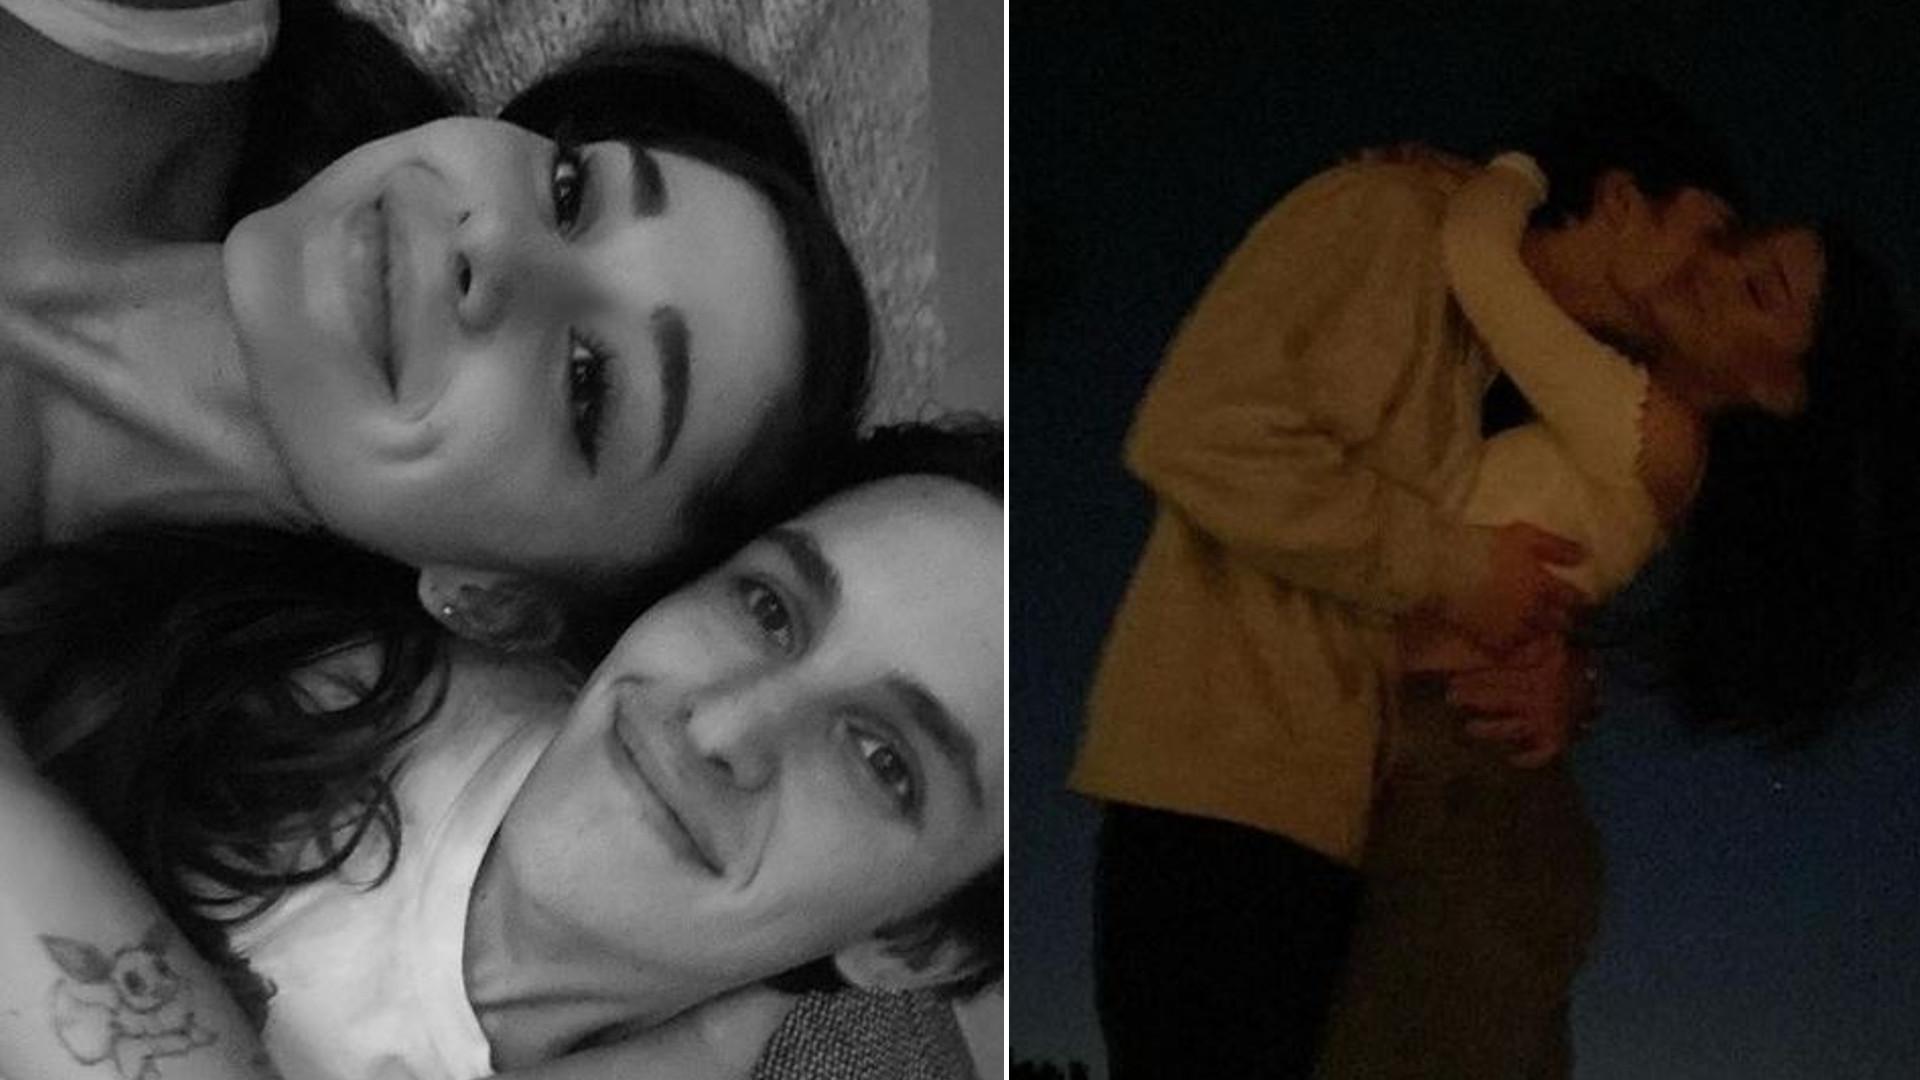 Ariana Grande wzięła ŚLUB z Daltonem Gomezem! Ceremonia była skromna